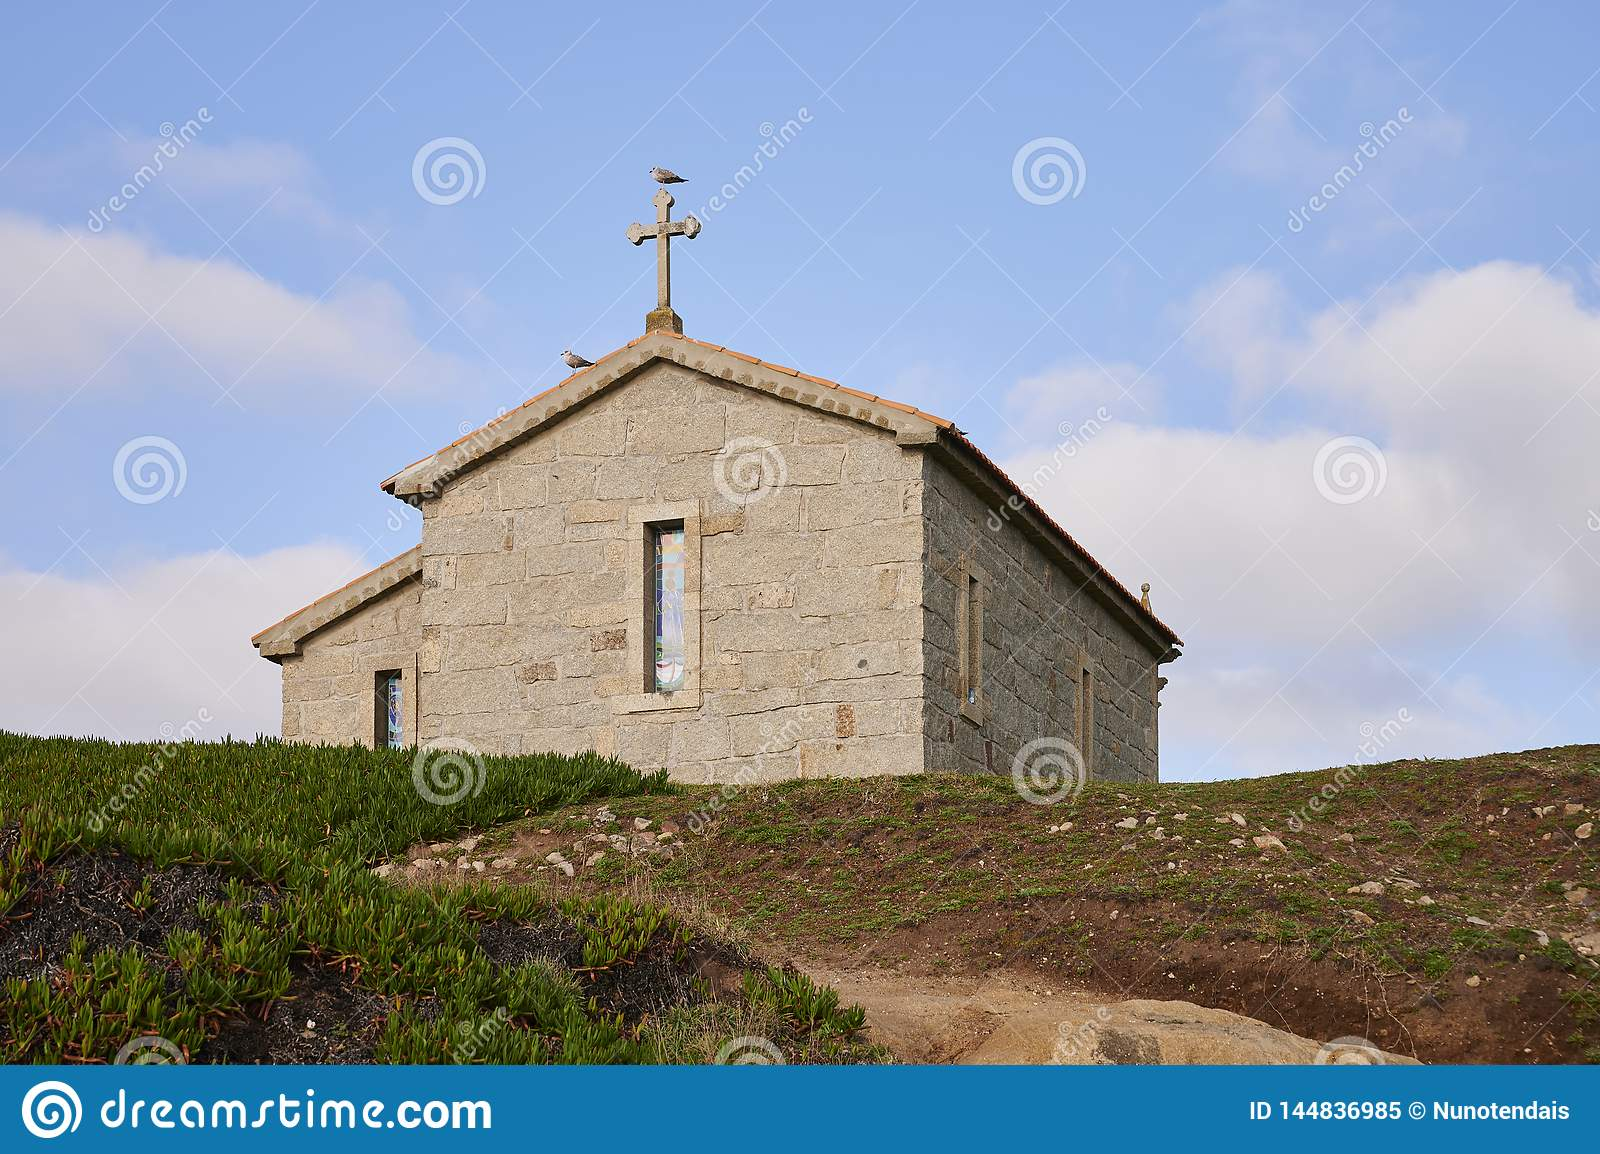 Kościół nad wzgórzem przeciw niebieskiemu niebu